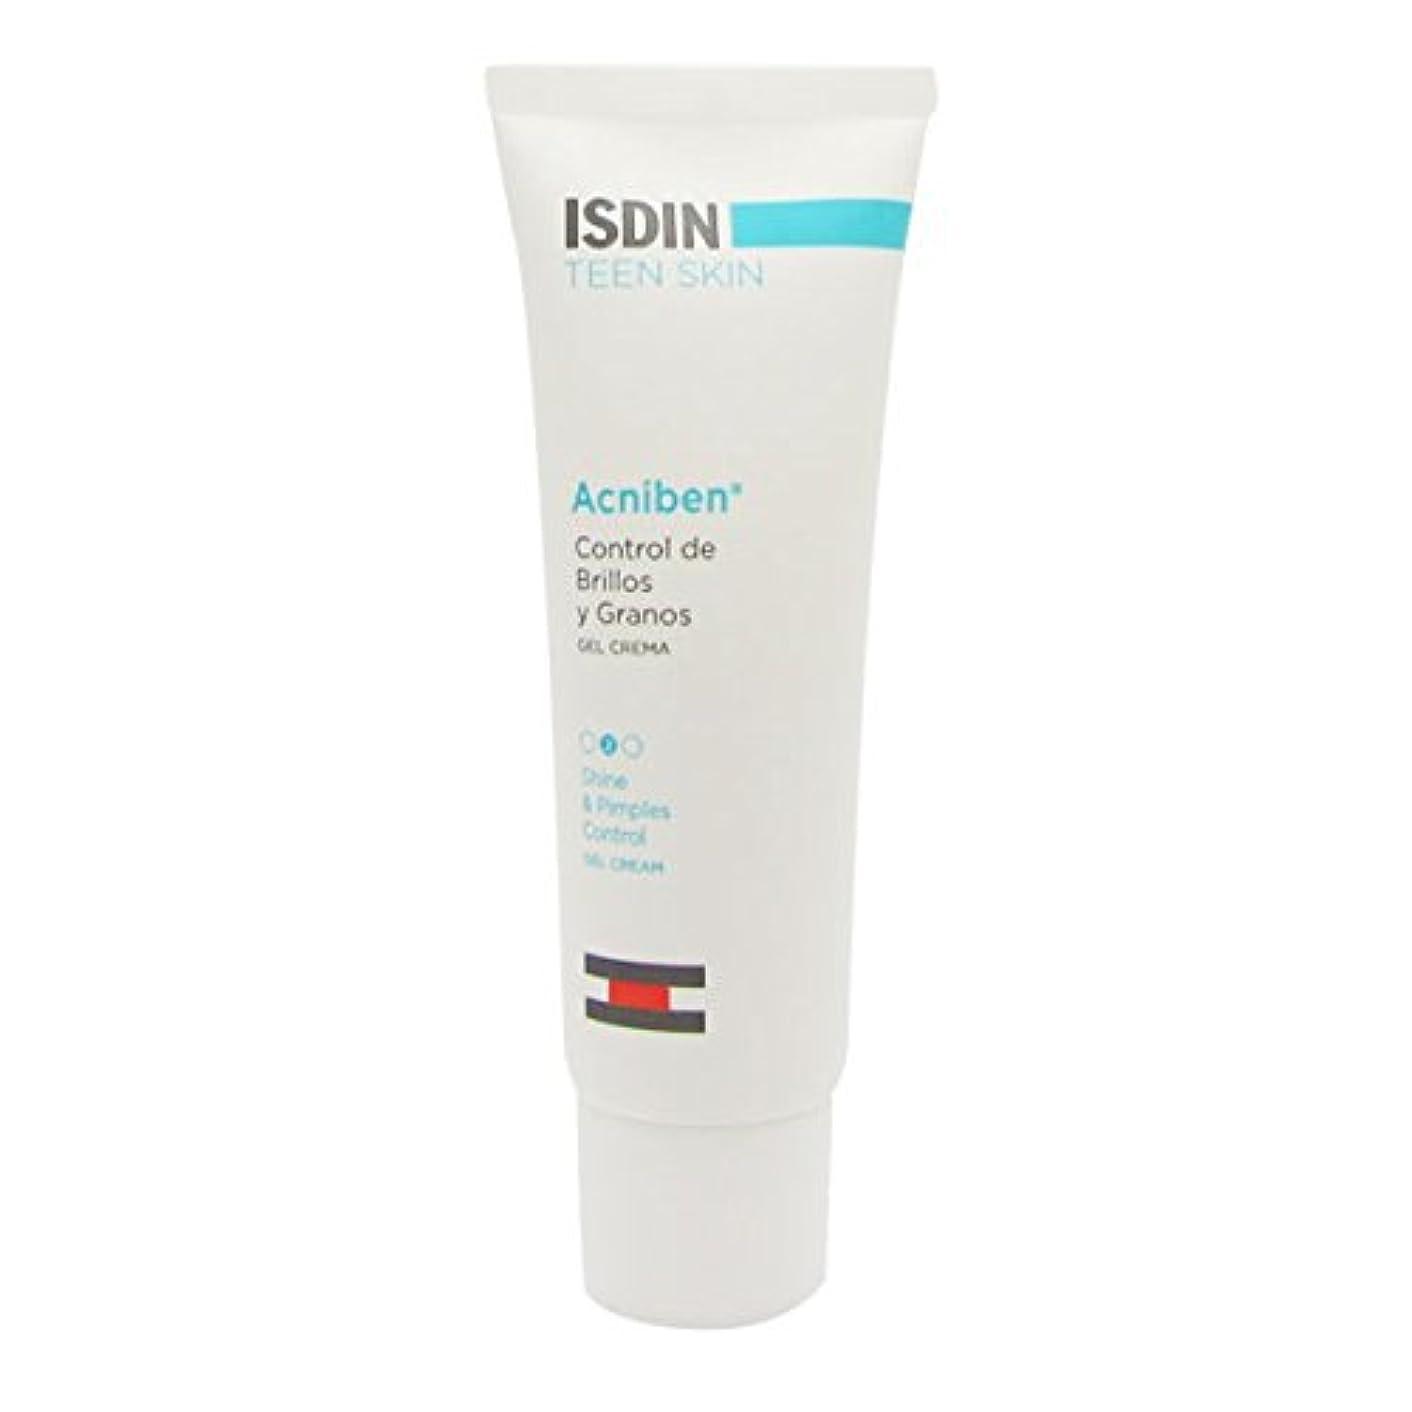 ポットいじめっ子自動車Isdin Acniben Teen Shine And Pimples Control Gel 40ml [並行輸入品]